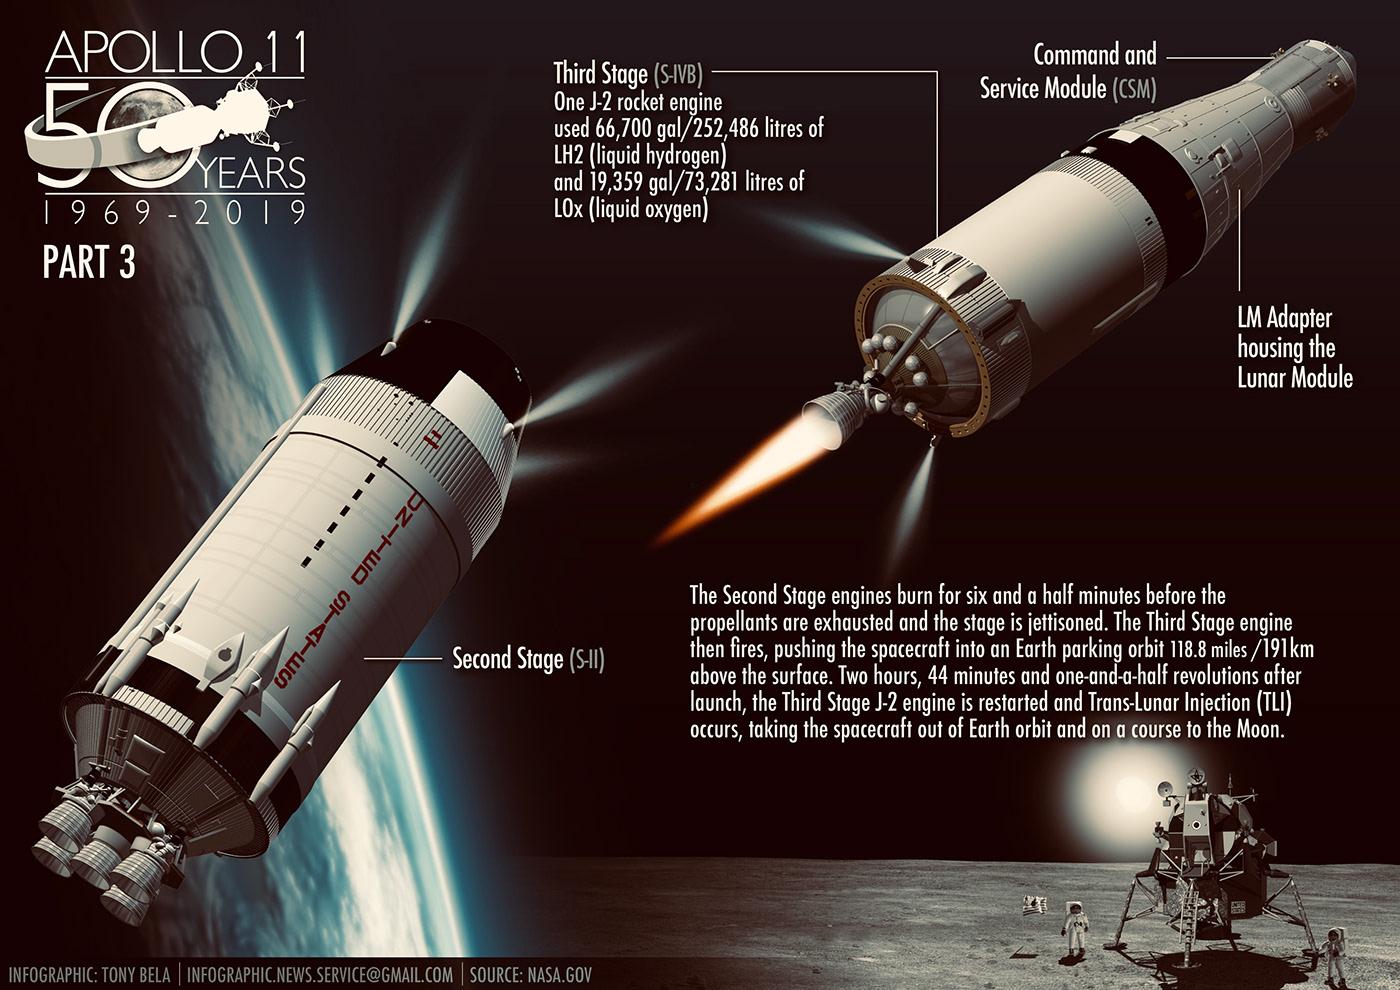 moon landing 2019 funny saiditnet - HD1400×990